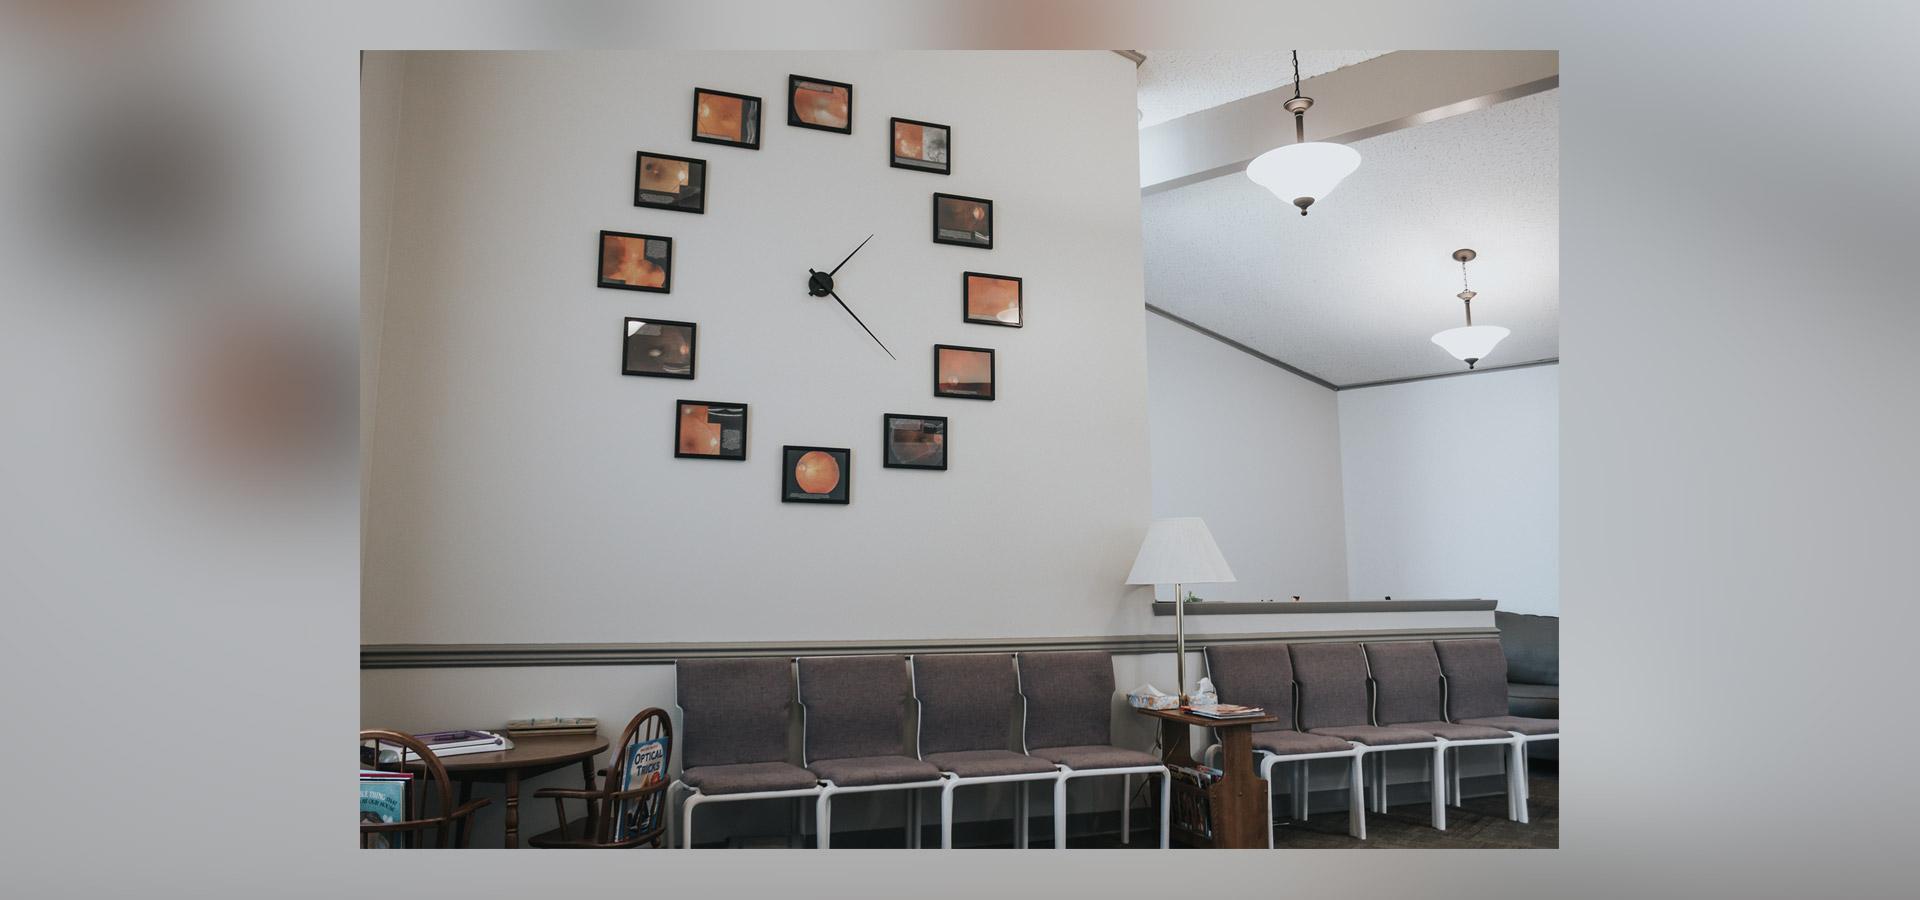 interior-waiting-area2